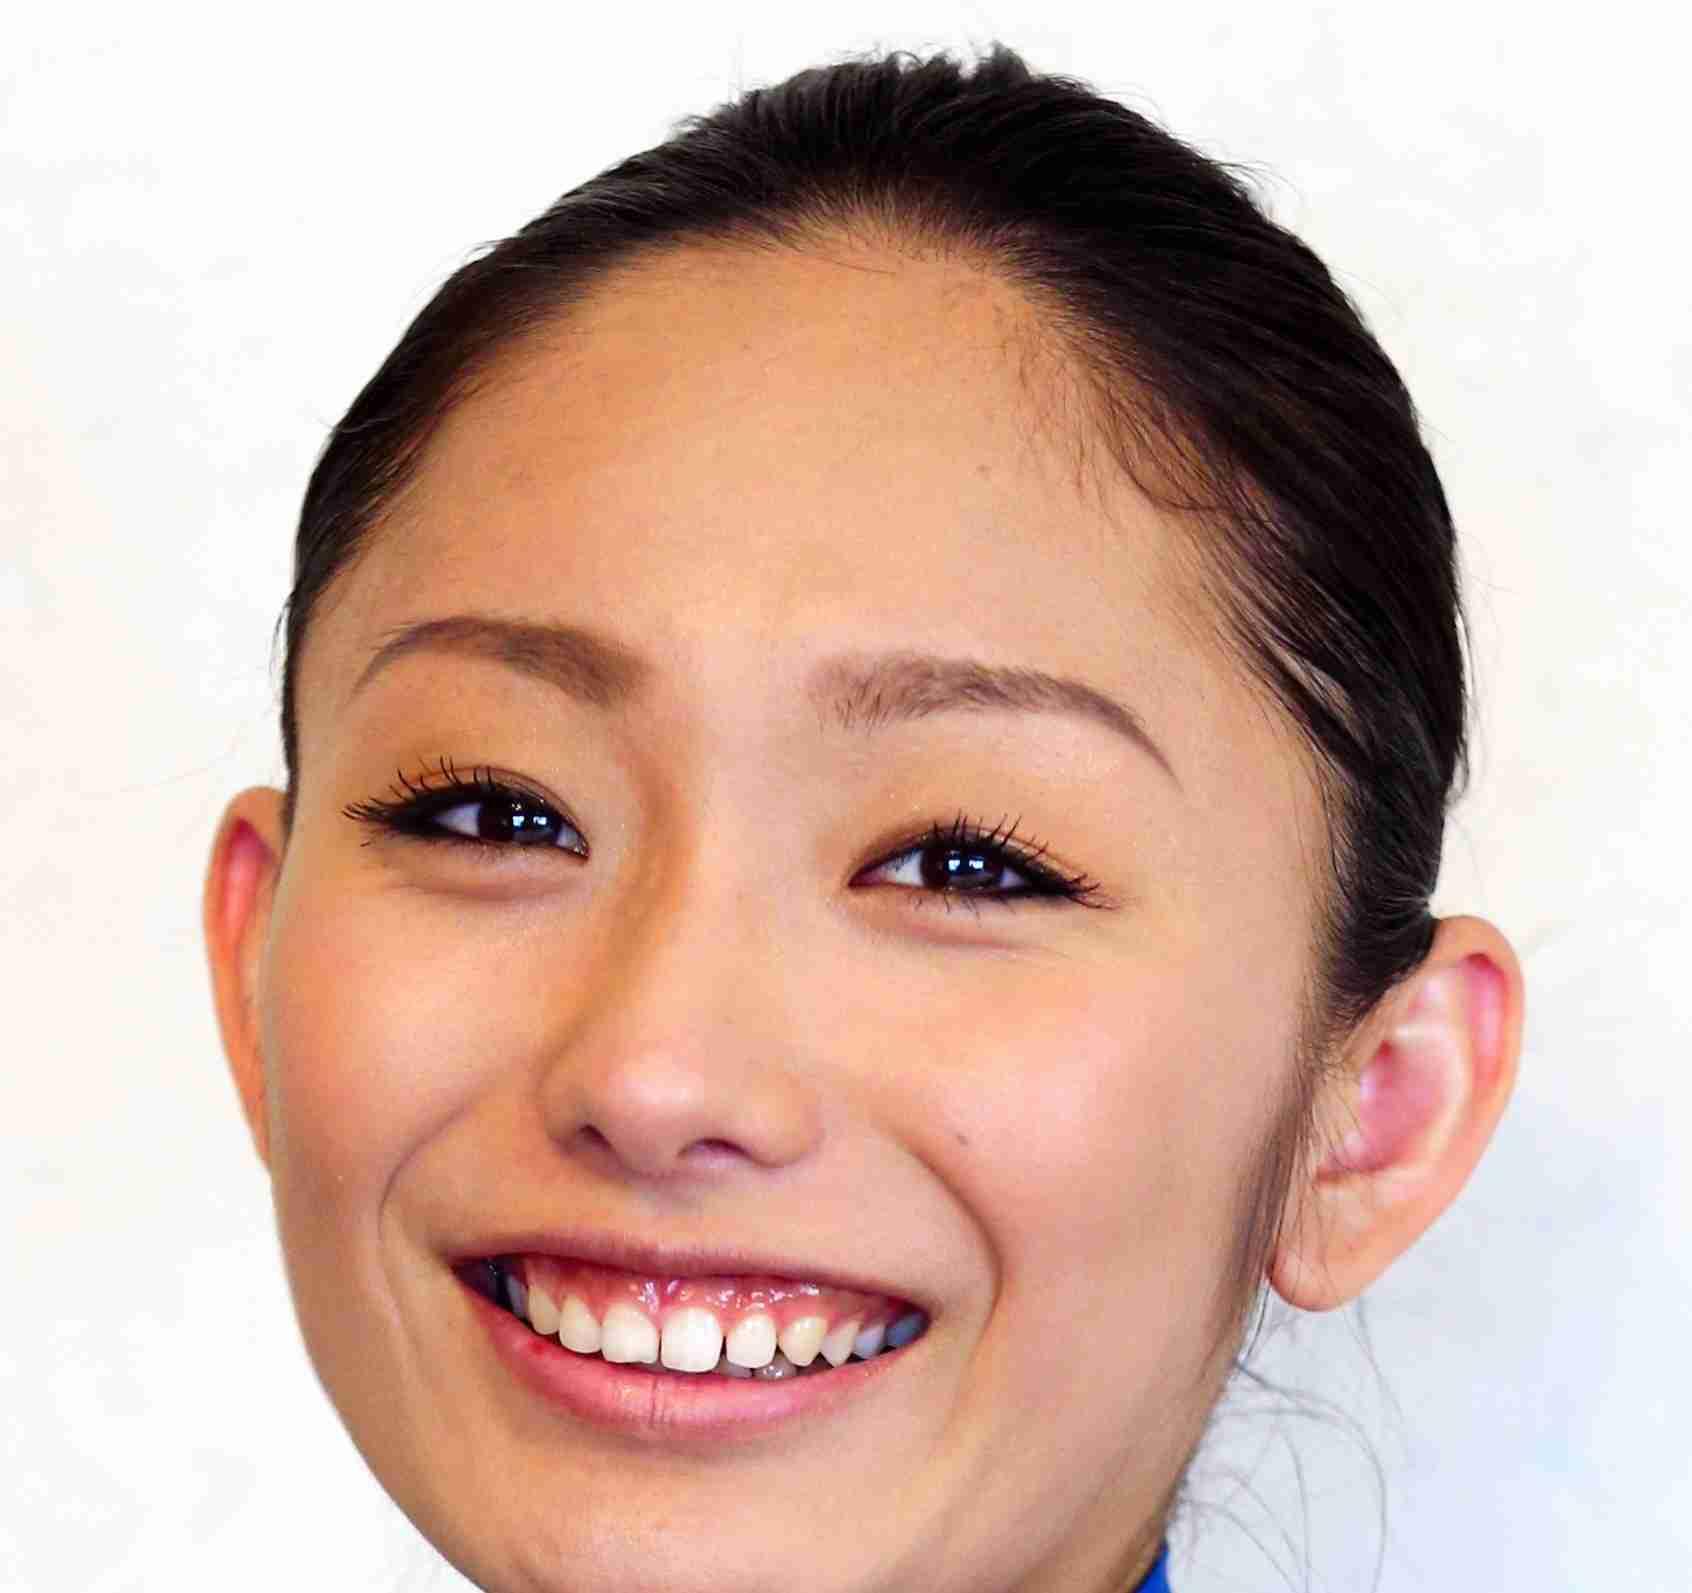 女に嫌われる女・安藤美姫の恋人遍歴!面倒くさい女は何故モテるのかのサムネイル画像